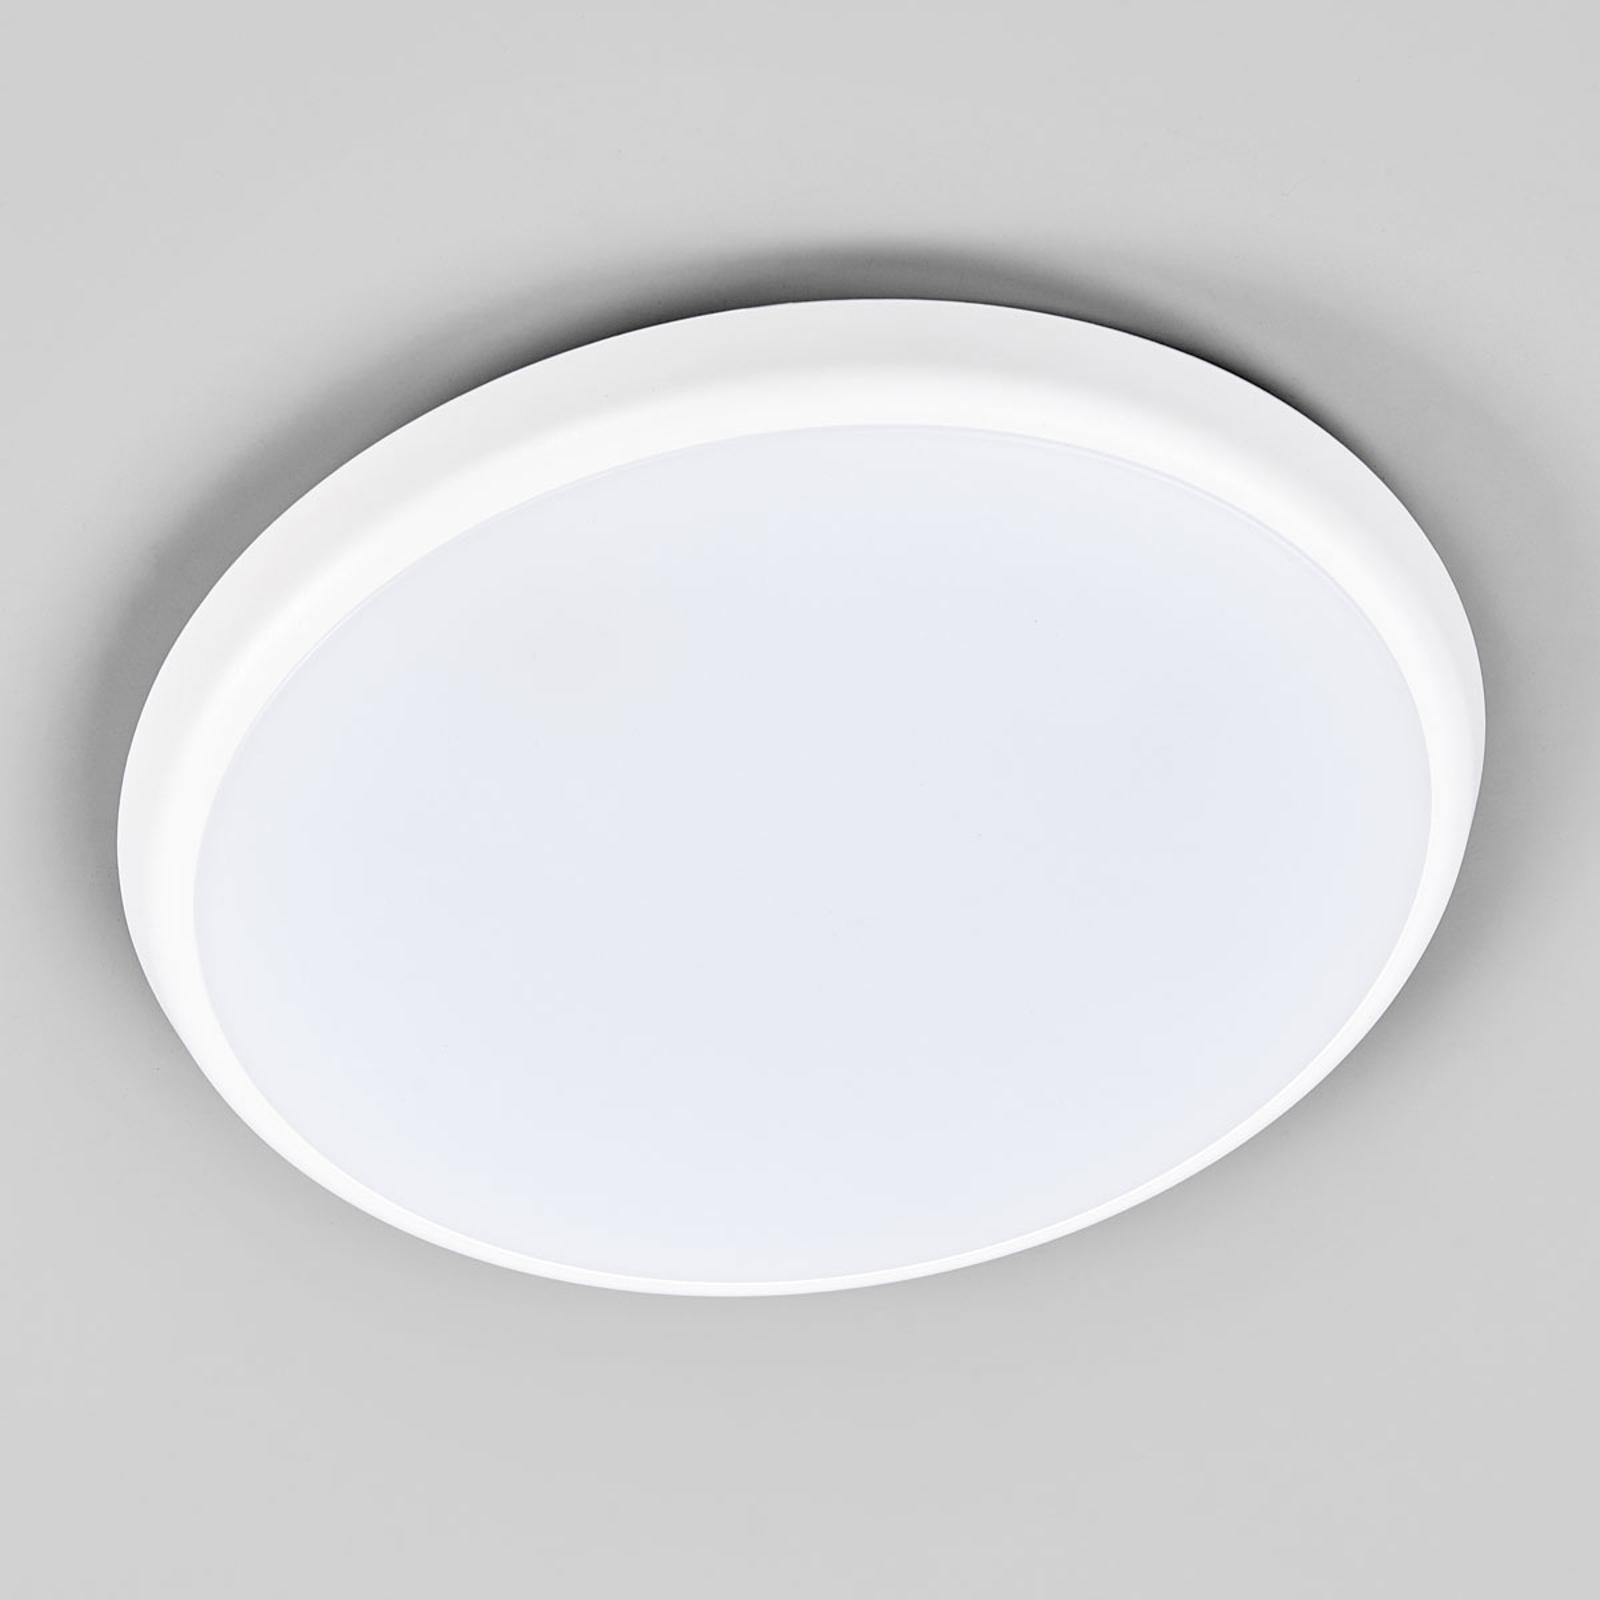 Schlichte LED-Deckenlampe Augustin, 30 cm